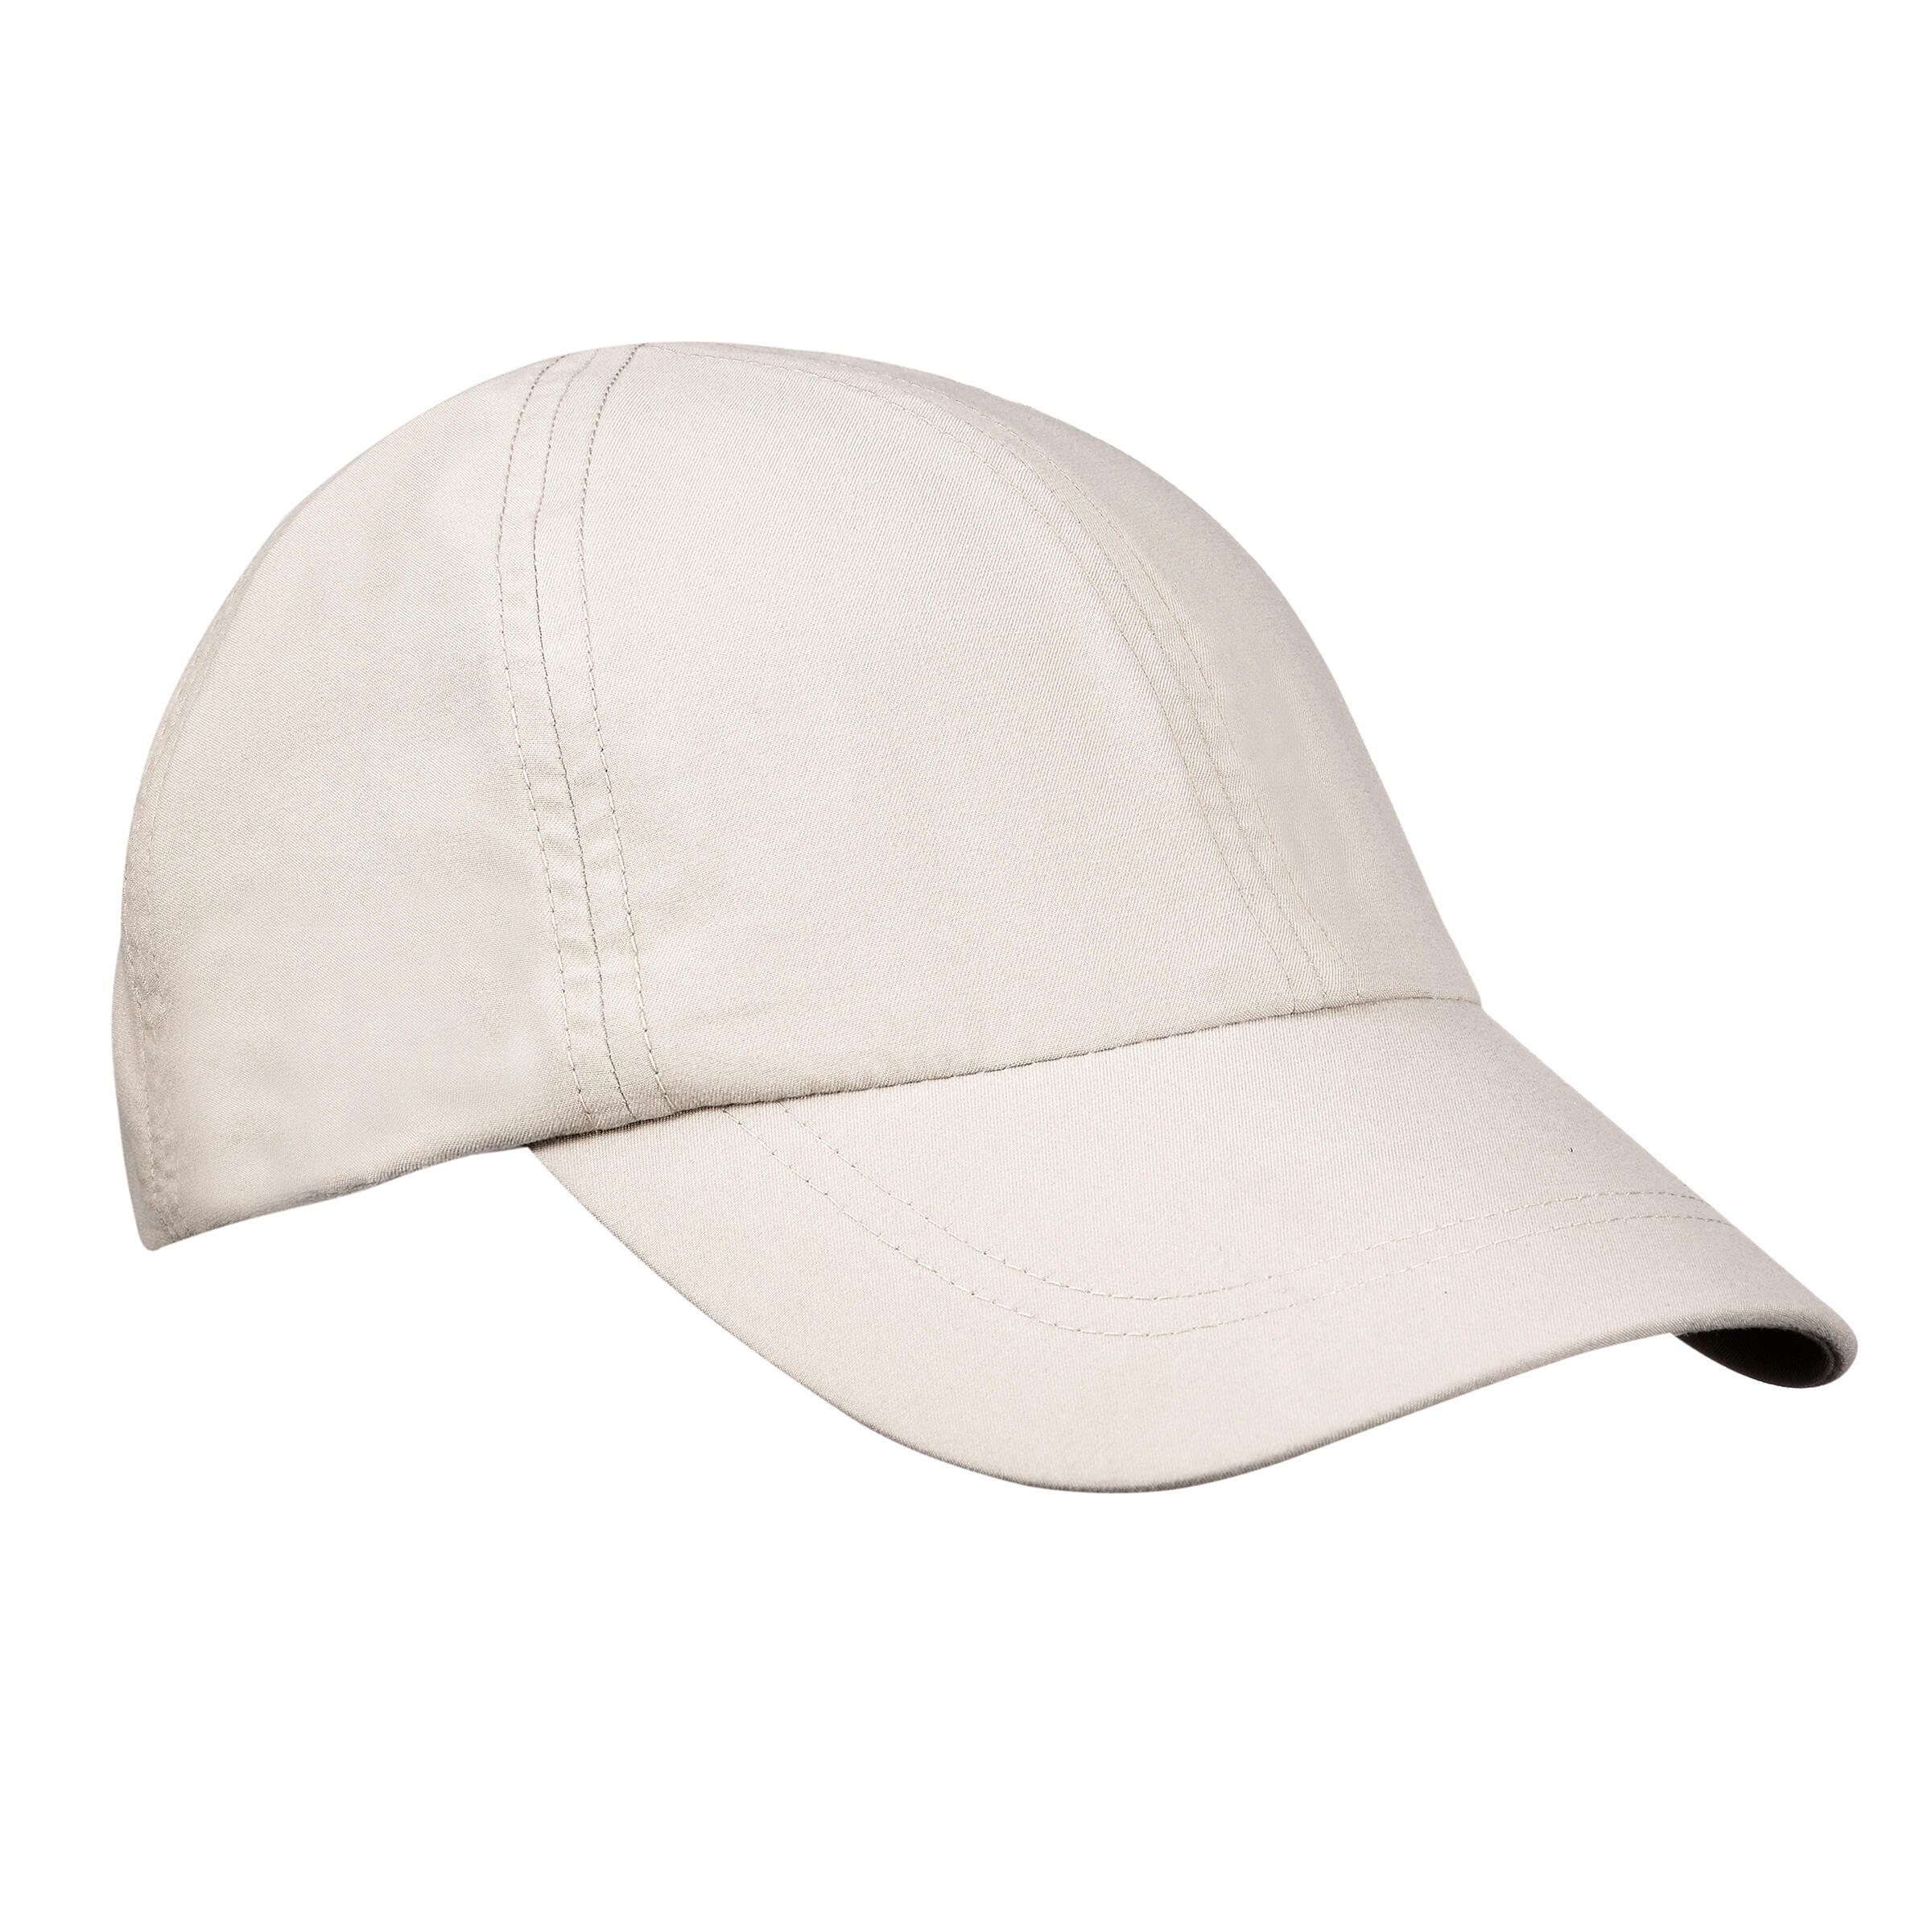 Schirmmütze Cap Trekking 100 beige | Accessoires > Caps | Beige | Forclaz